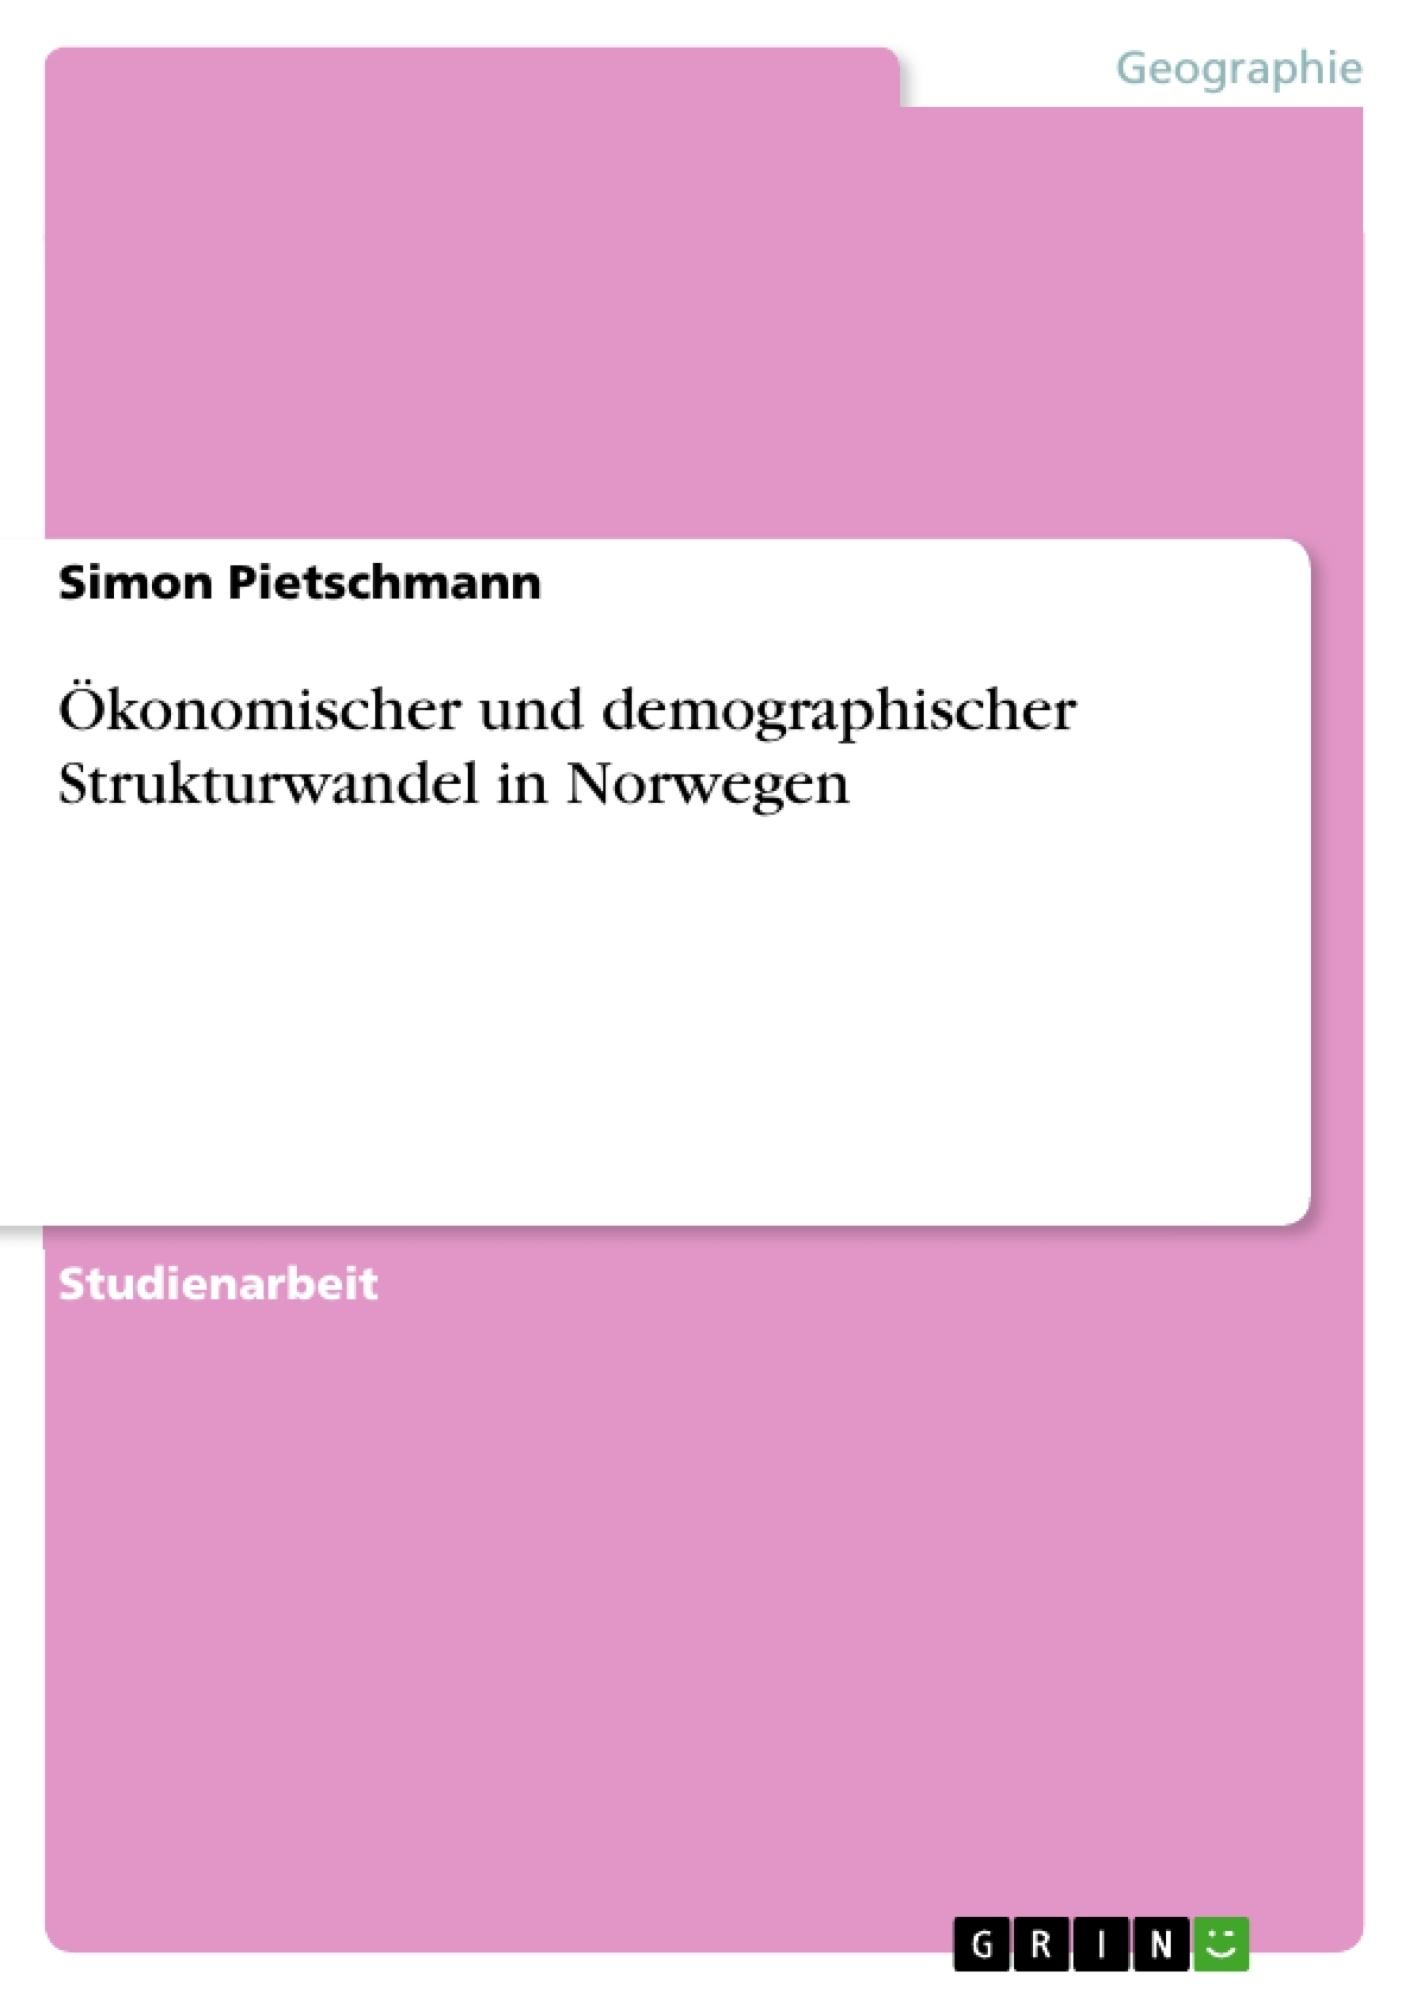 Titel: Ökonomischer und demographischer Strukturwandel in Norwegen